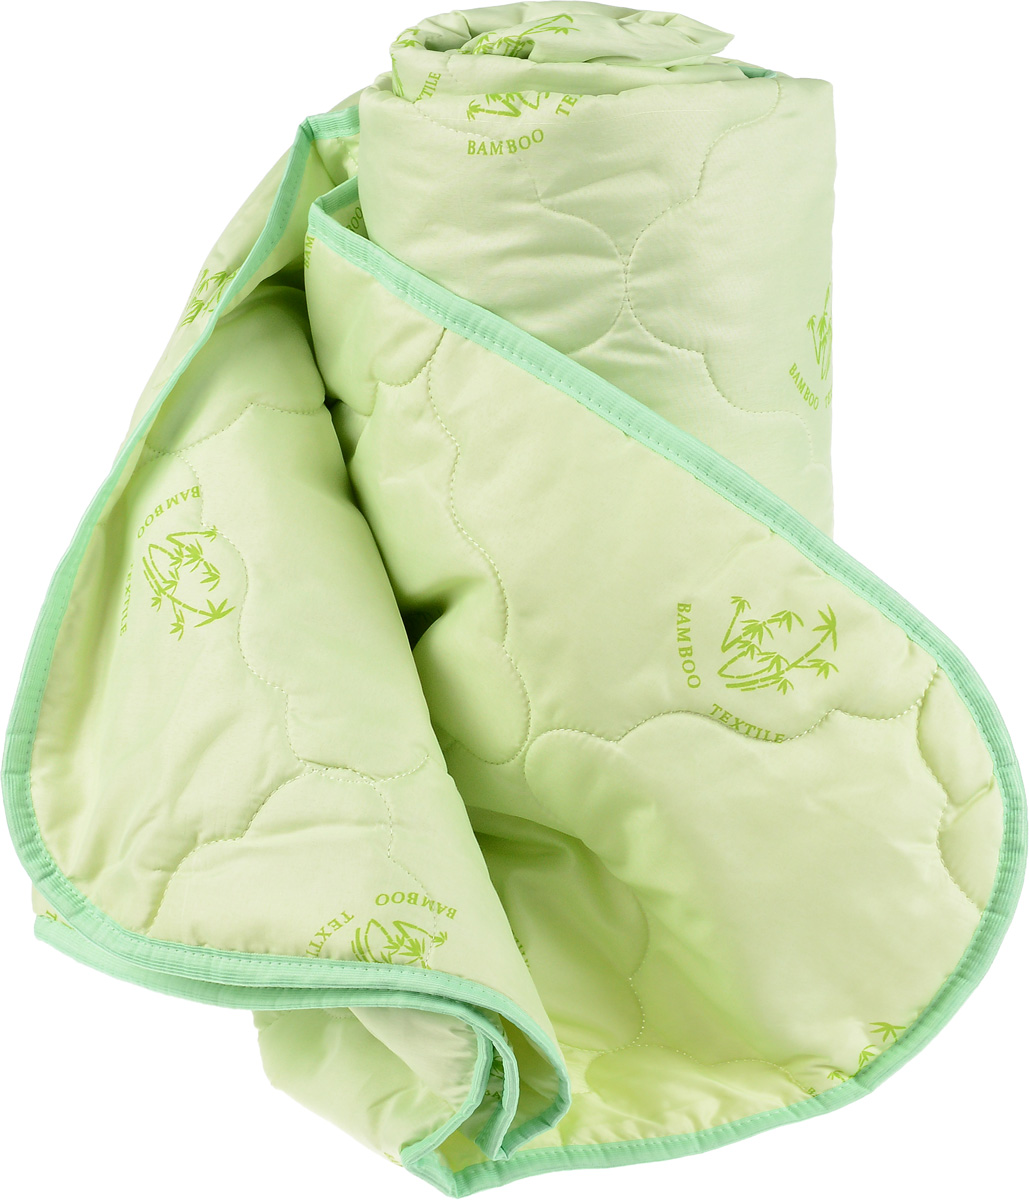 Одеяло Катюша, наполнитель: бамбуковое волокно, 220 х 240 см10503Одеяло Катюша подарит комфорт и уют во время сна. Чехол, выполненный из 100% полиэстера, оформлен фигурной стежкой и надежно удерживает наполнитель внутри. Легкое одеяло, наполненное бамбуковым волокном, сделает спальное место уютным и подарит ощущение свежести в теплую погоду. Также такое одеяло прекрасно подходит для использования в отапливаемых помещениях. Произведенное из бамбука волокно имеет мелкопористую структуру, благодаря чему вещи из этого волокна дышащие, гигроскопичные и легкие. Одеяло не накапливает пыль, легко стирается и быстро сохнет.